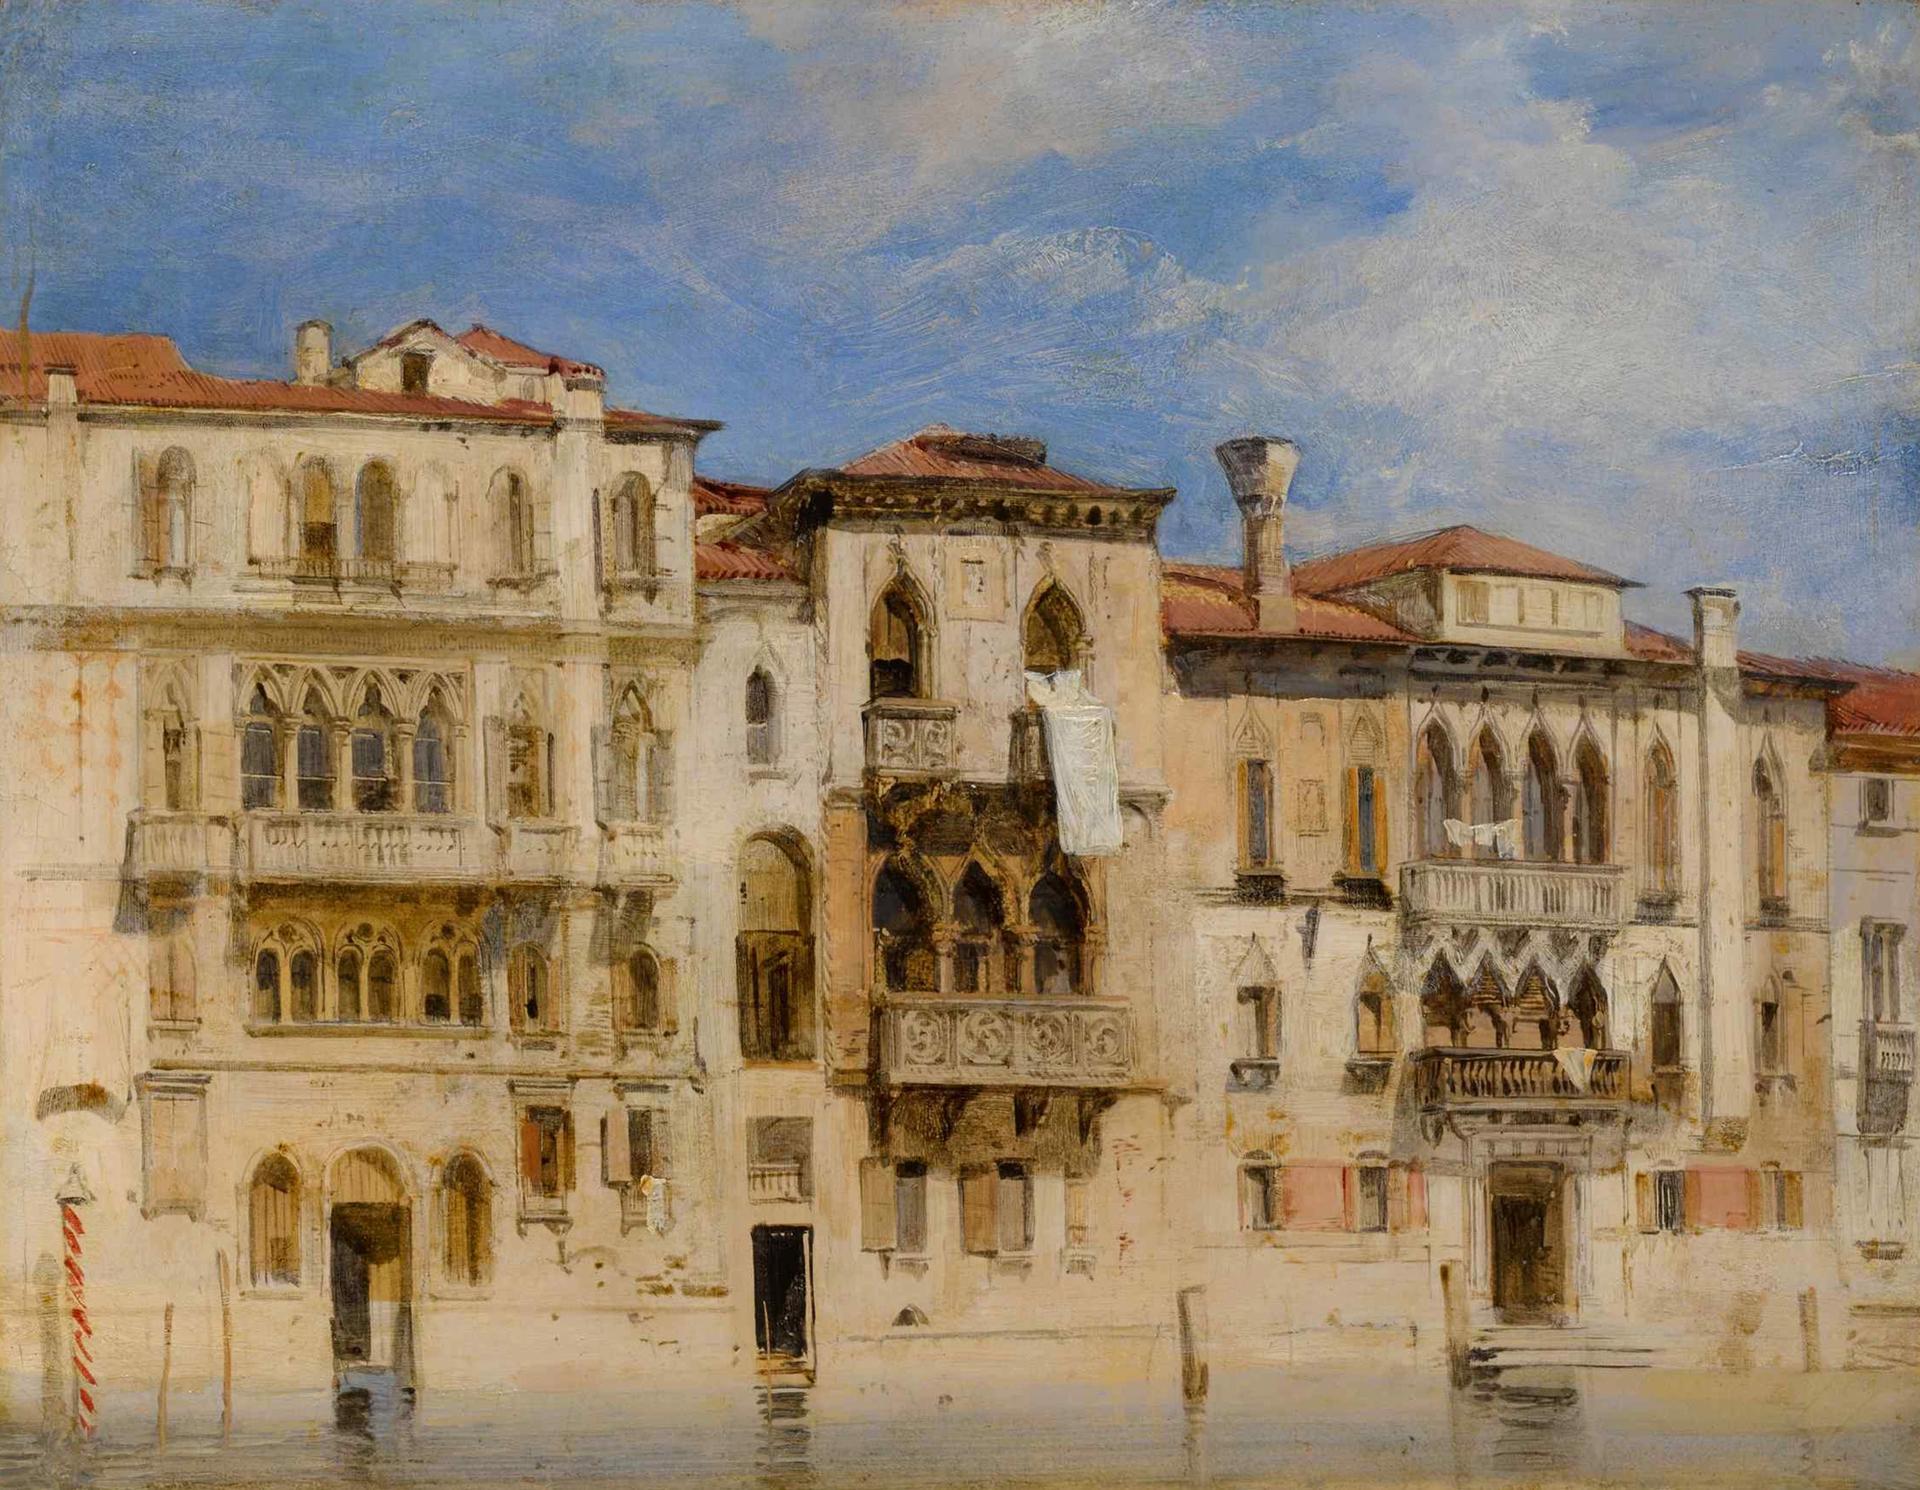 Boninton's The Palazzo Monolesso-Ferro, Palazzo Contarini-Fasan, and Palazzo Contarini Courtesy of Sotheby's